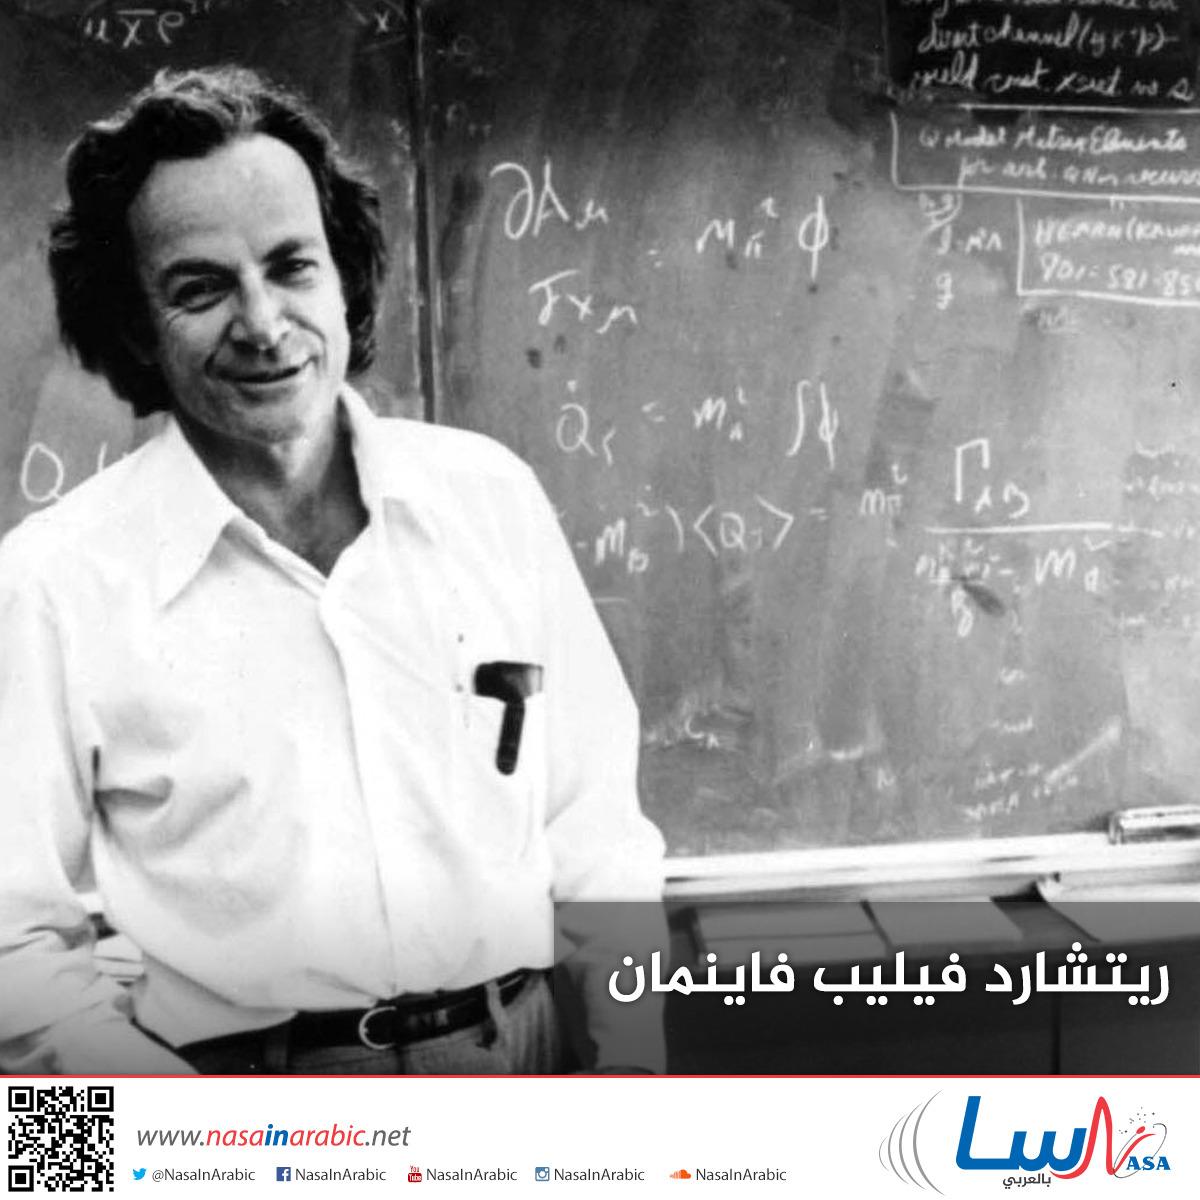 ريتشارد فيليب فاينمان